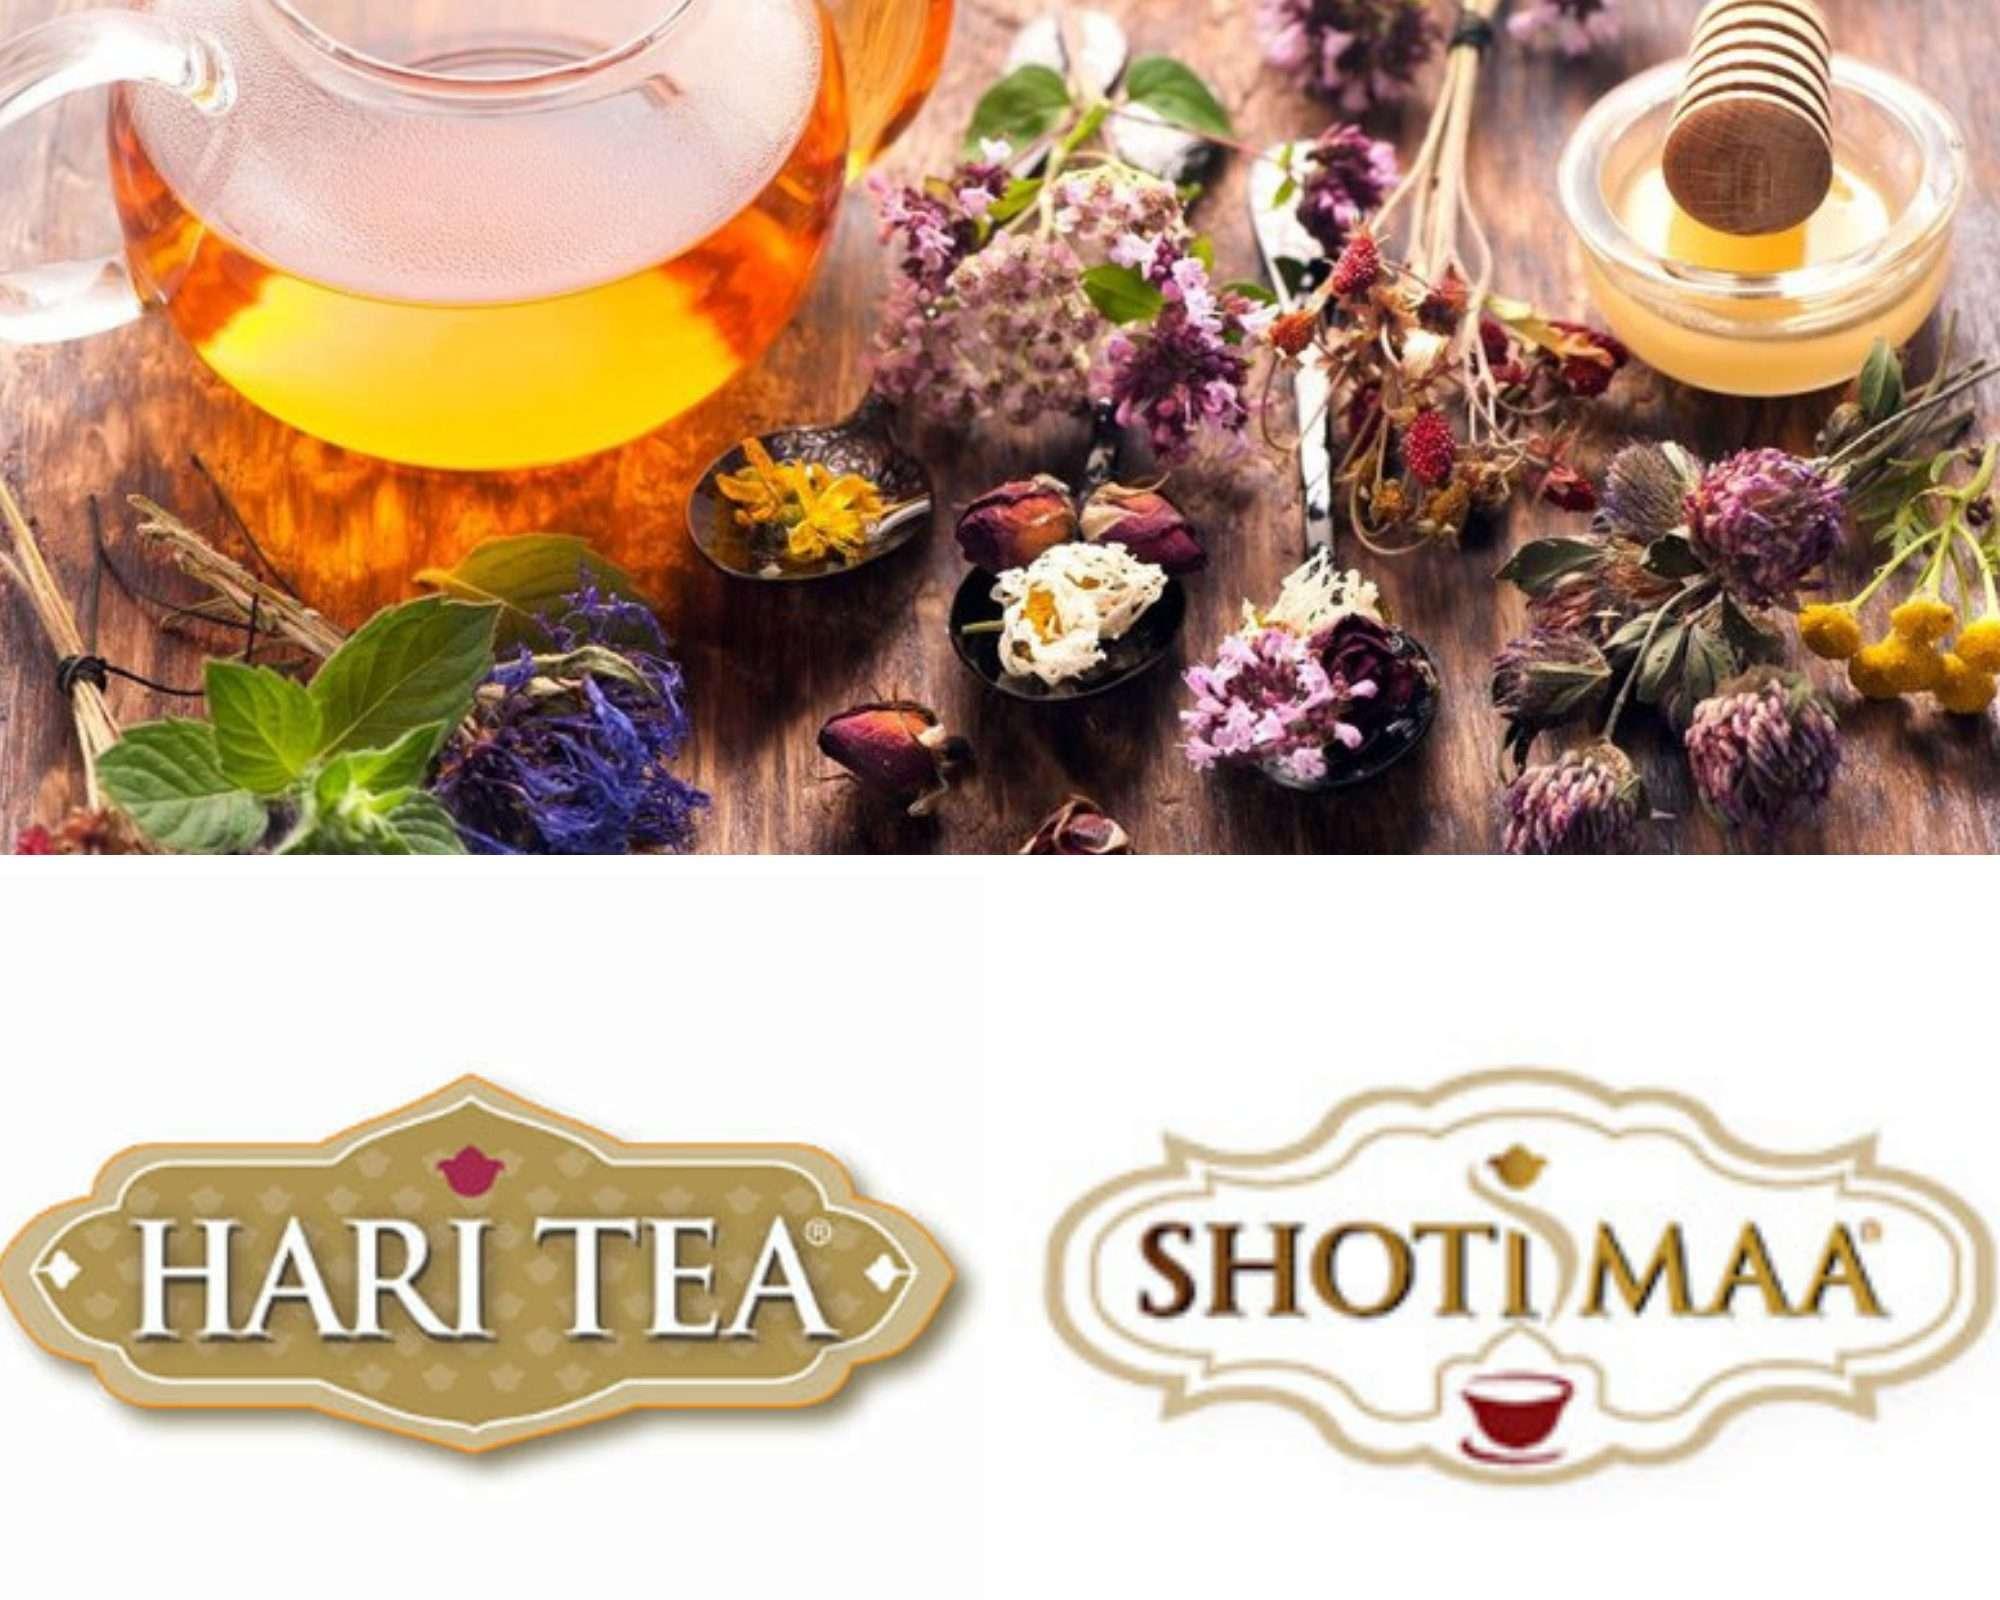 Shoti Maa – Hari Tea